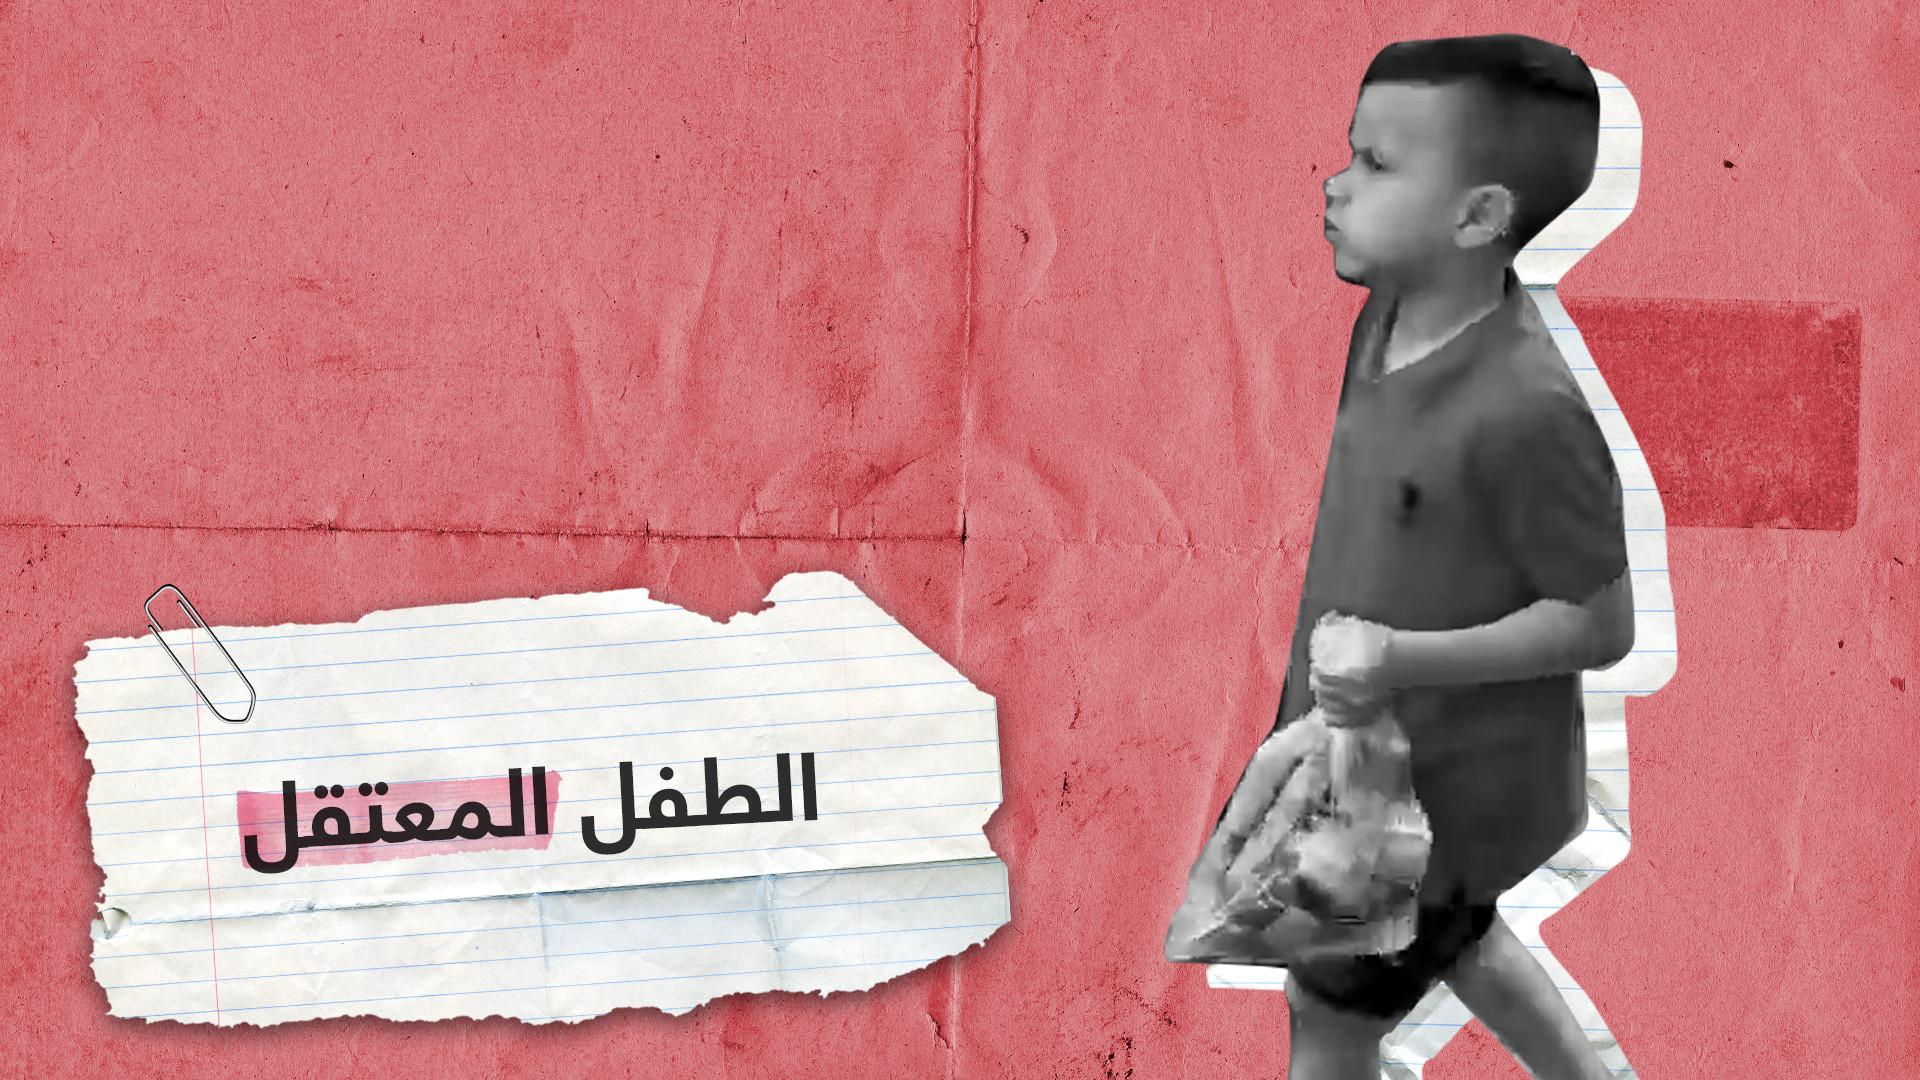 إسرائيل تستدعي طفلا فلسطينيا عمره 4 سنوات للتحقيق